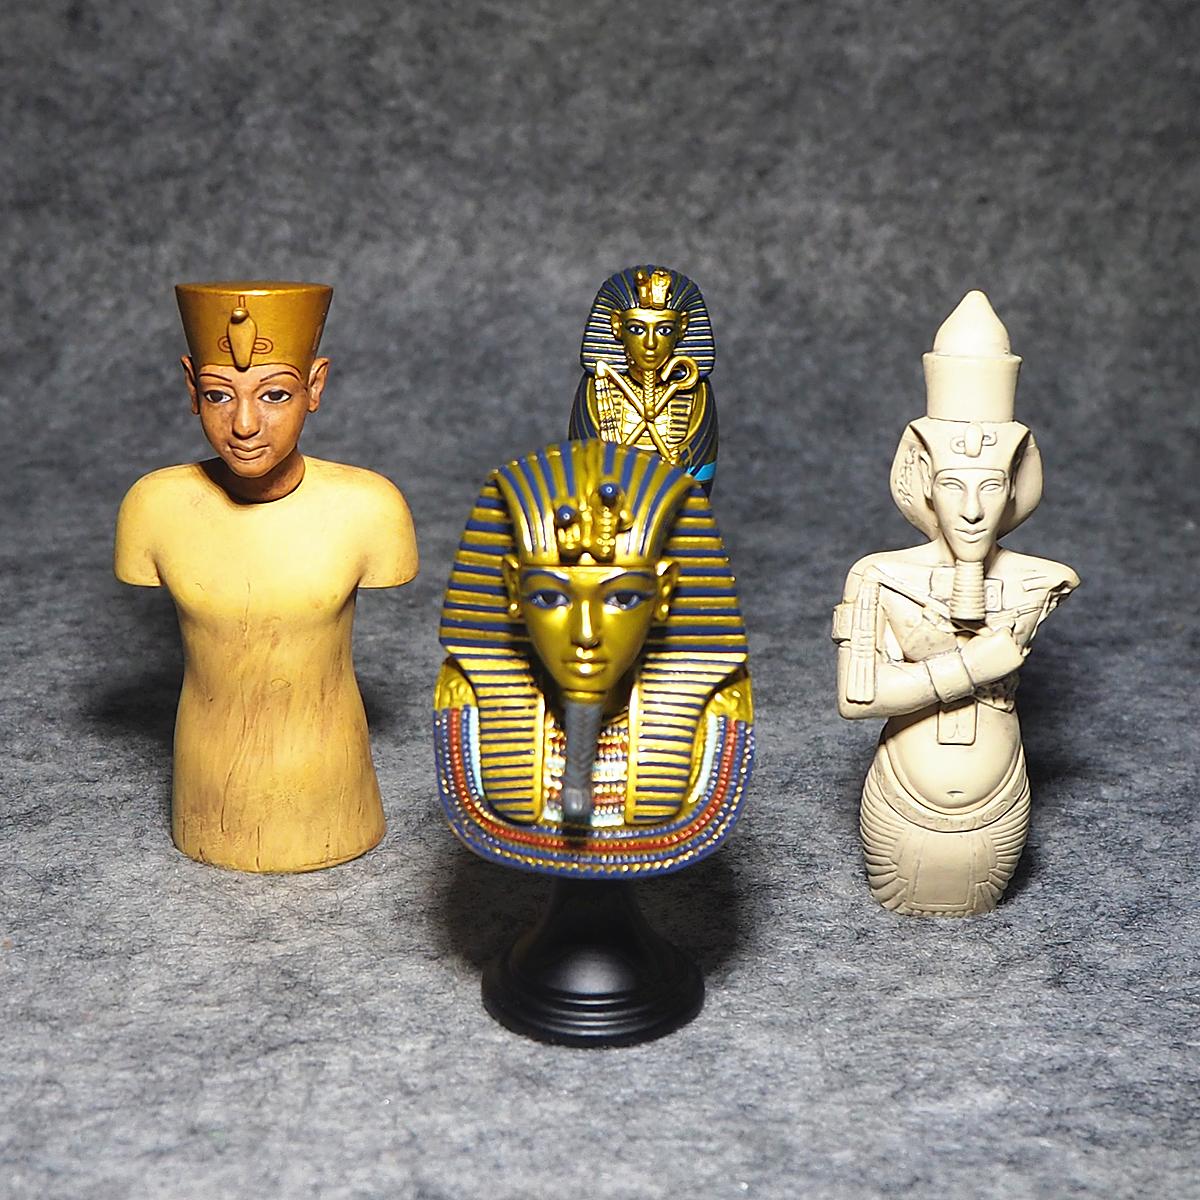 18件 售出:18件 售出:7件 古埃及艳后图坦卡蒙法老王黄金面具埃及装饰